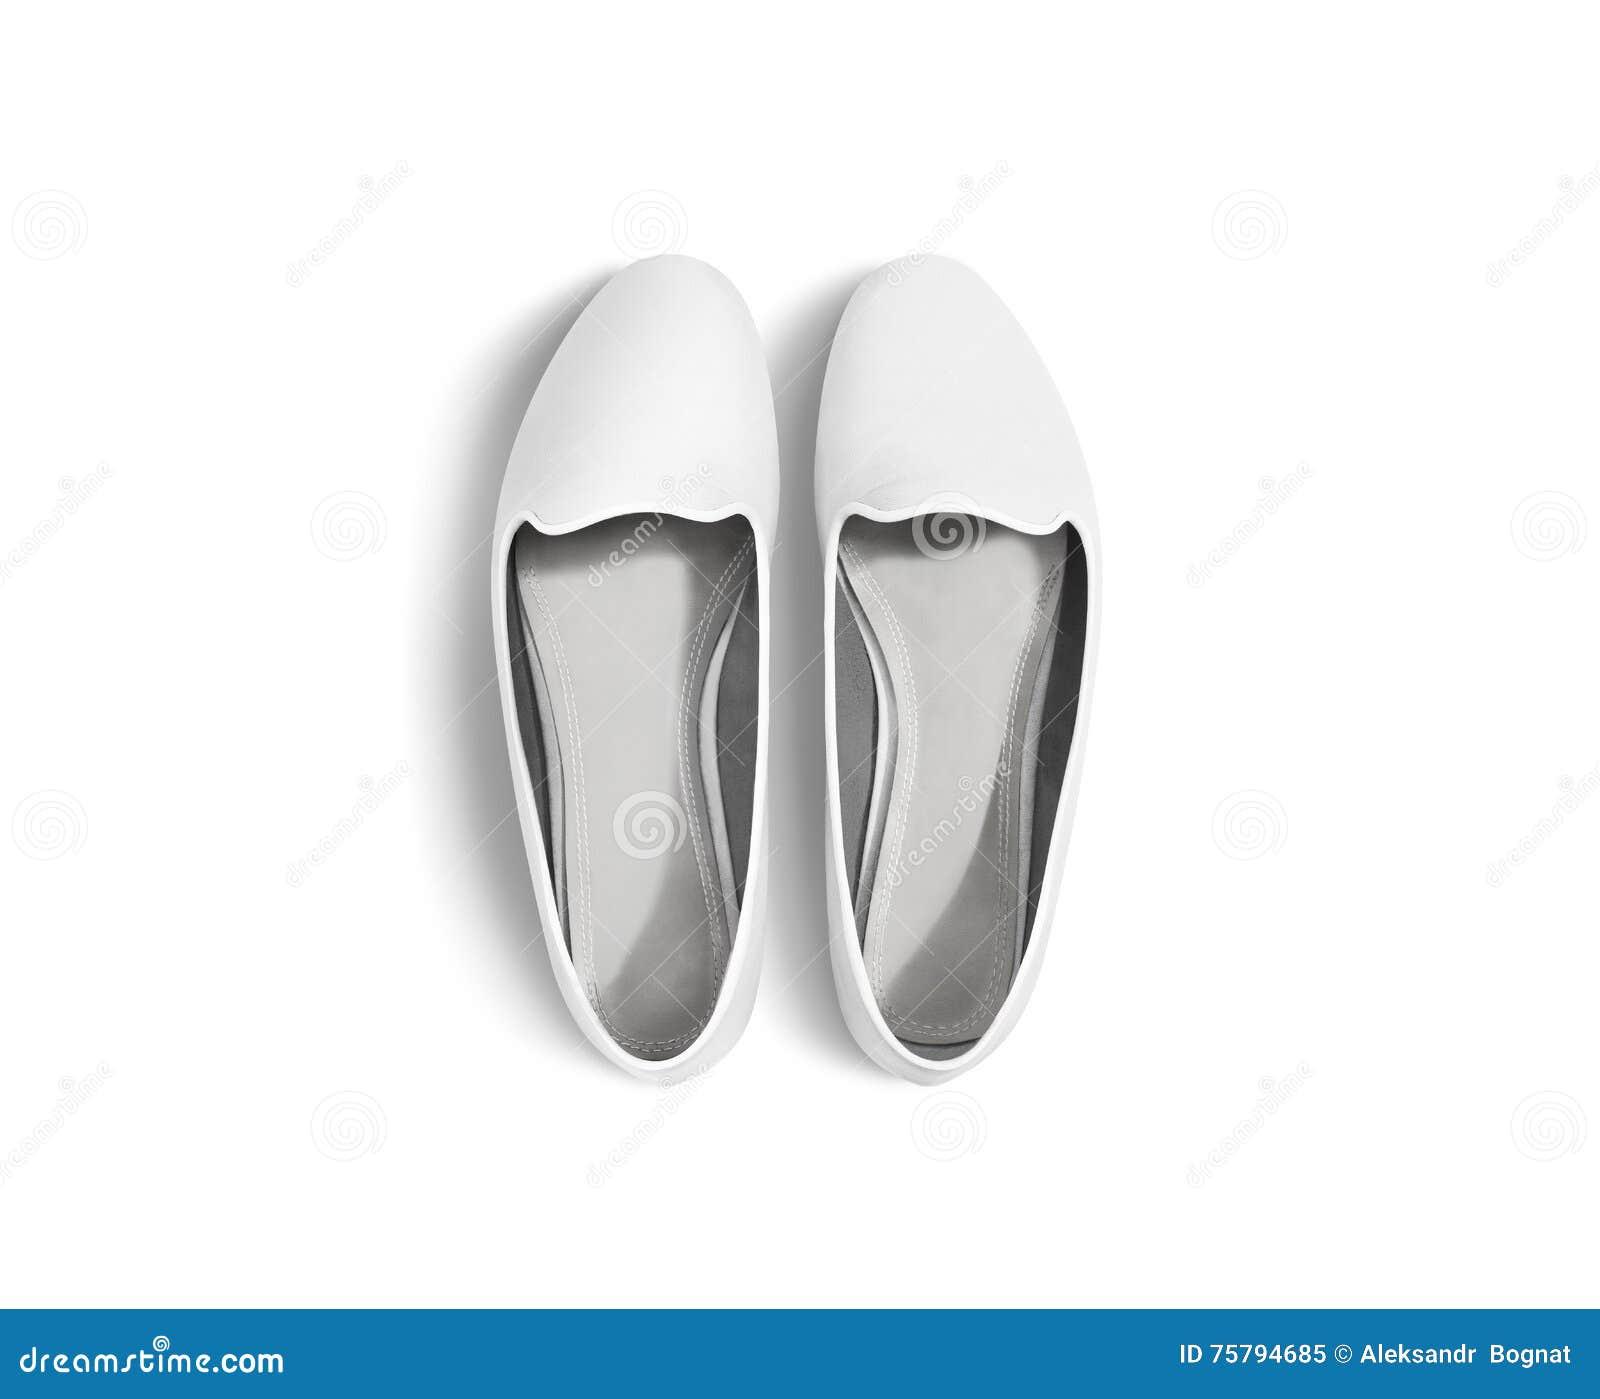 Le donne in bianco bianche calza il modello isolato, la vista superiore, percorso di ritaglio